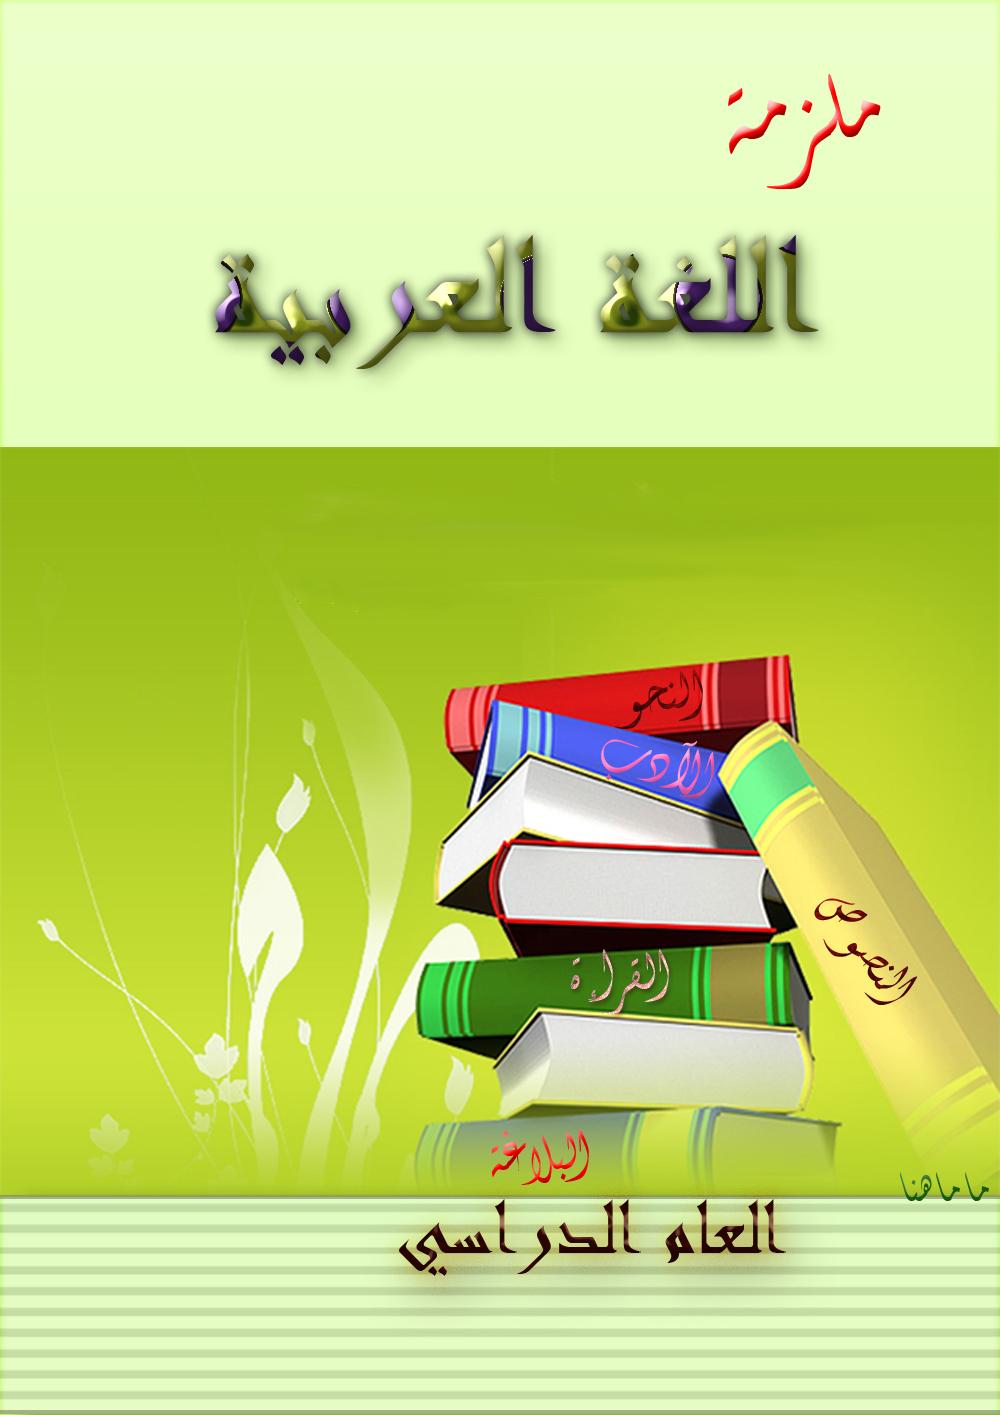 أغلفة مذكرات وملازم لغة عربية 2020تشكيلة 10_a_y10